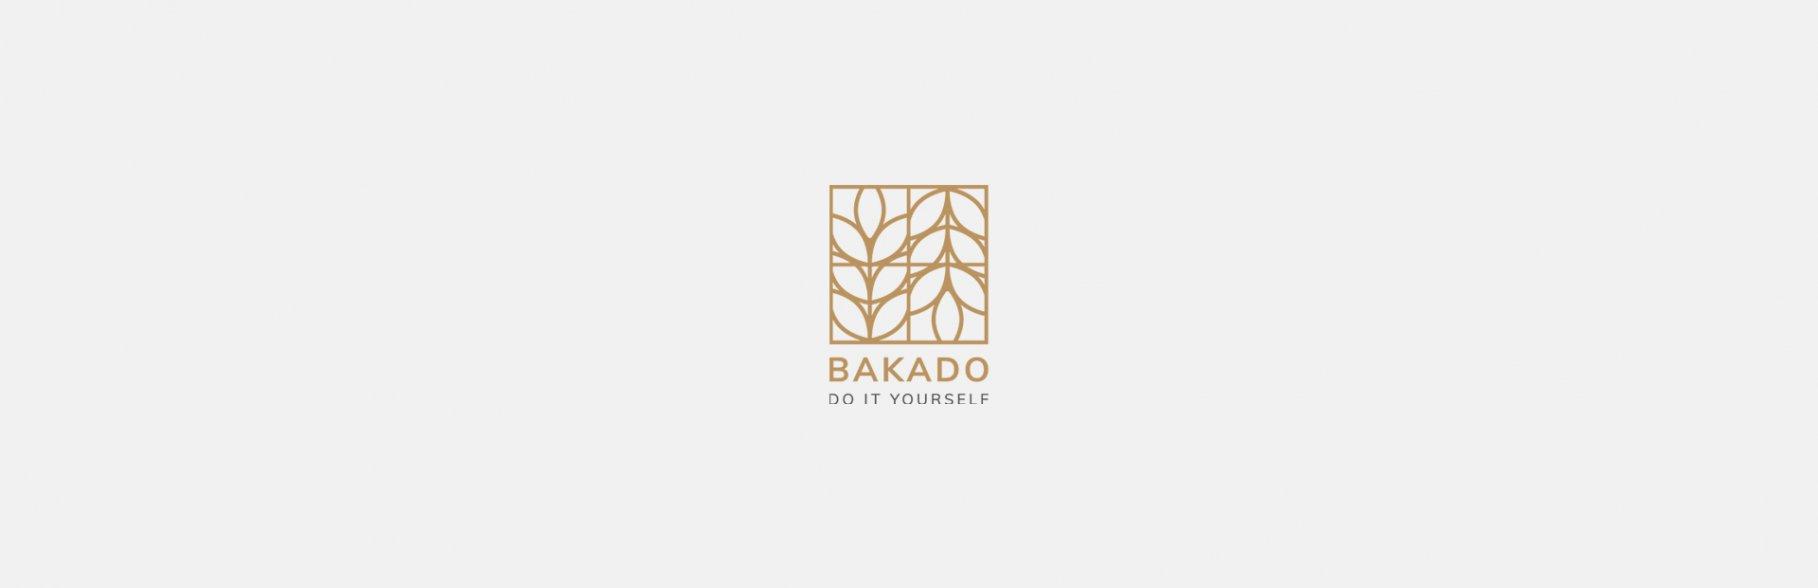 Bakado